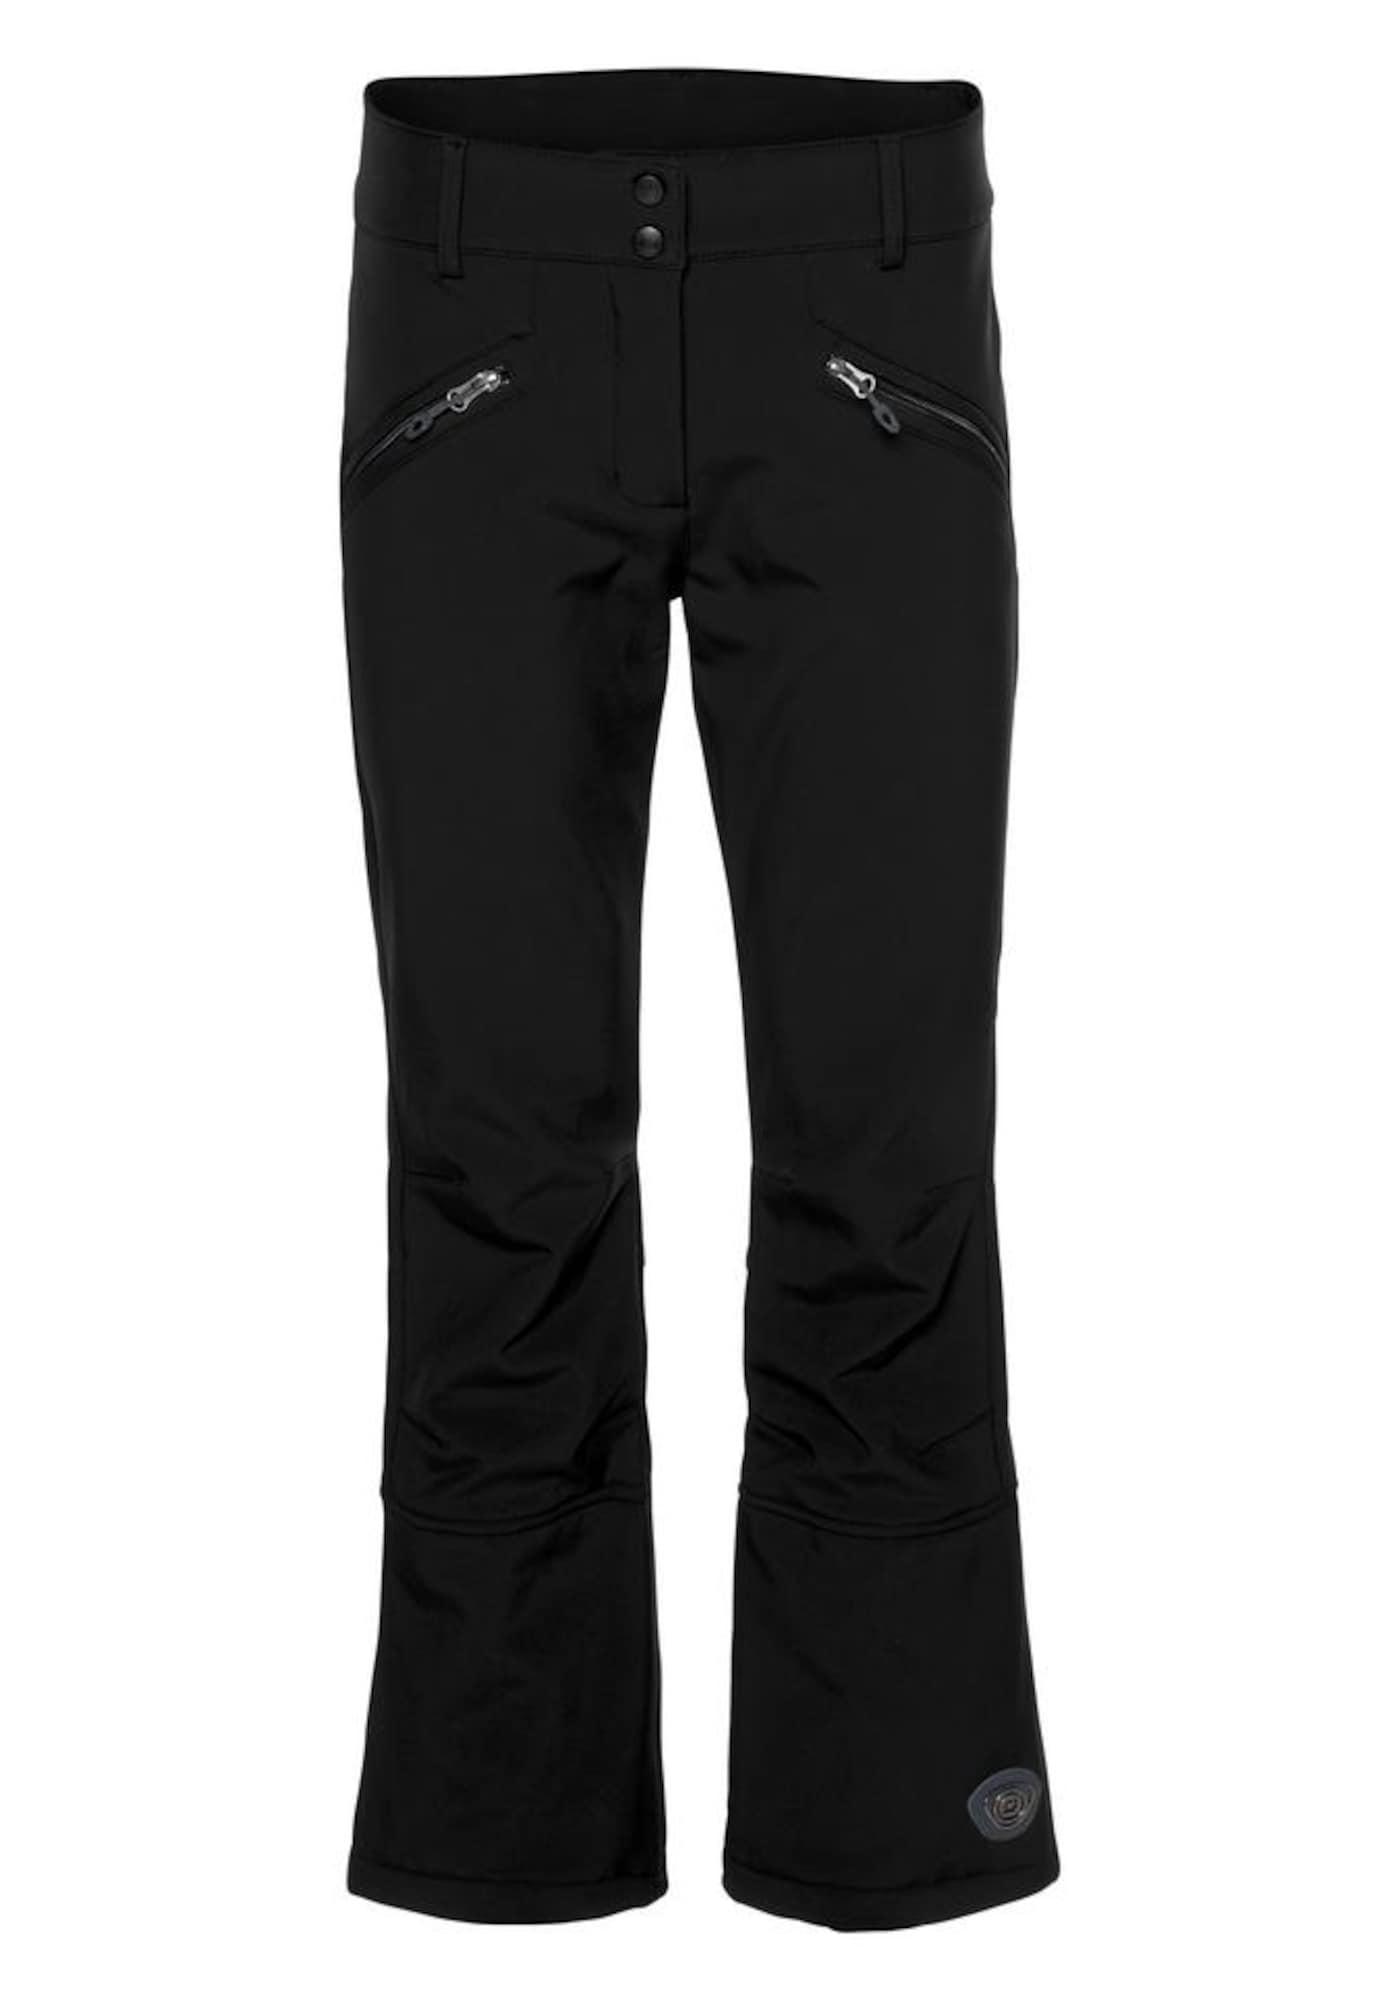 Skihose 'NYNIA' | Sportbekleidung > Sporthosen > Skihosen | Schwarz | KILLTEC